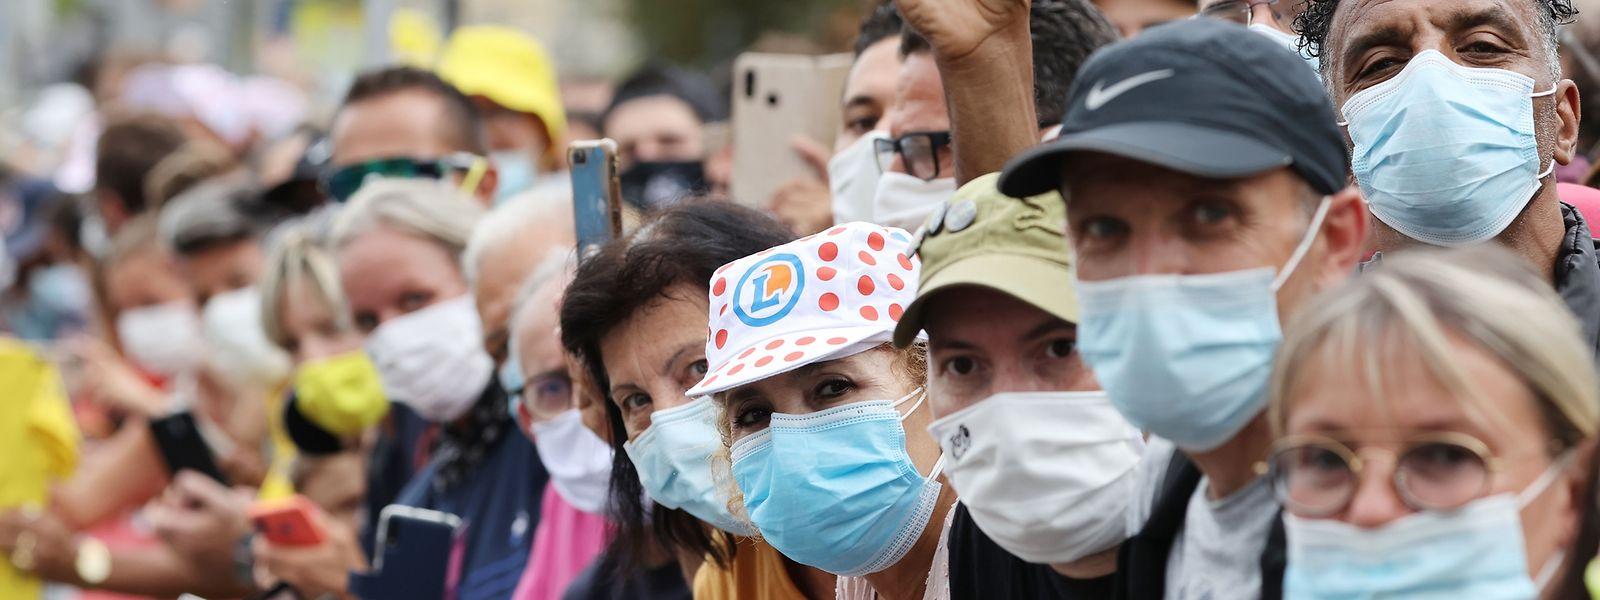 Vor dem Start der ersten Etappe: Die Zuschauer scheinen die Maskenpflicht zu respektieren.